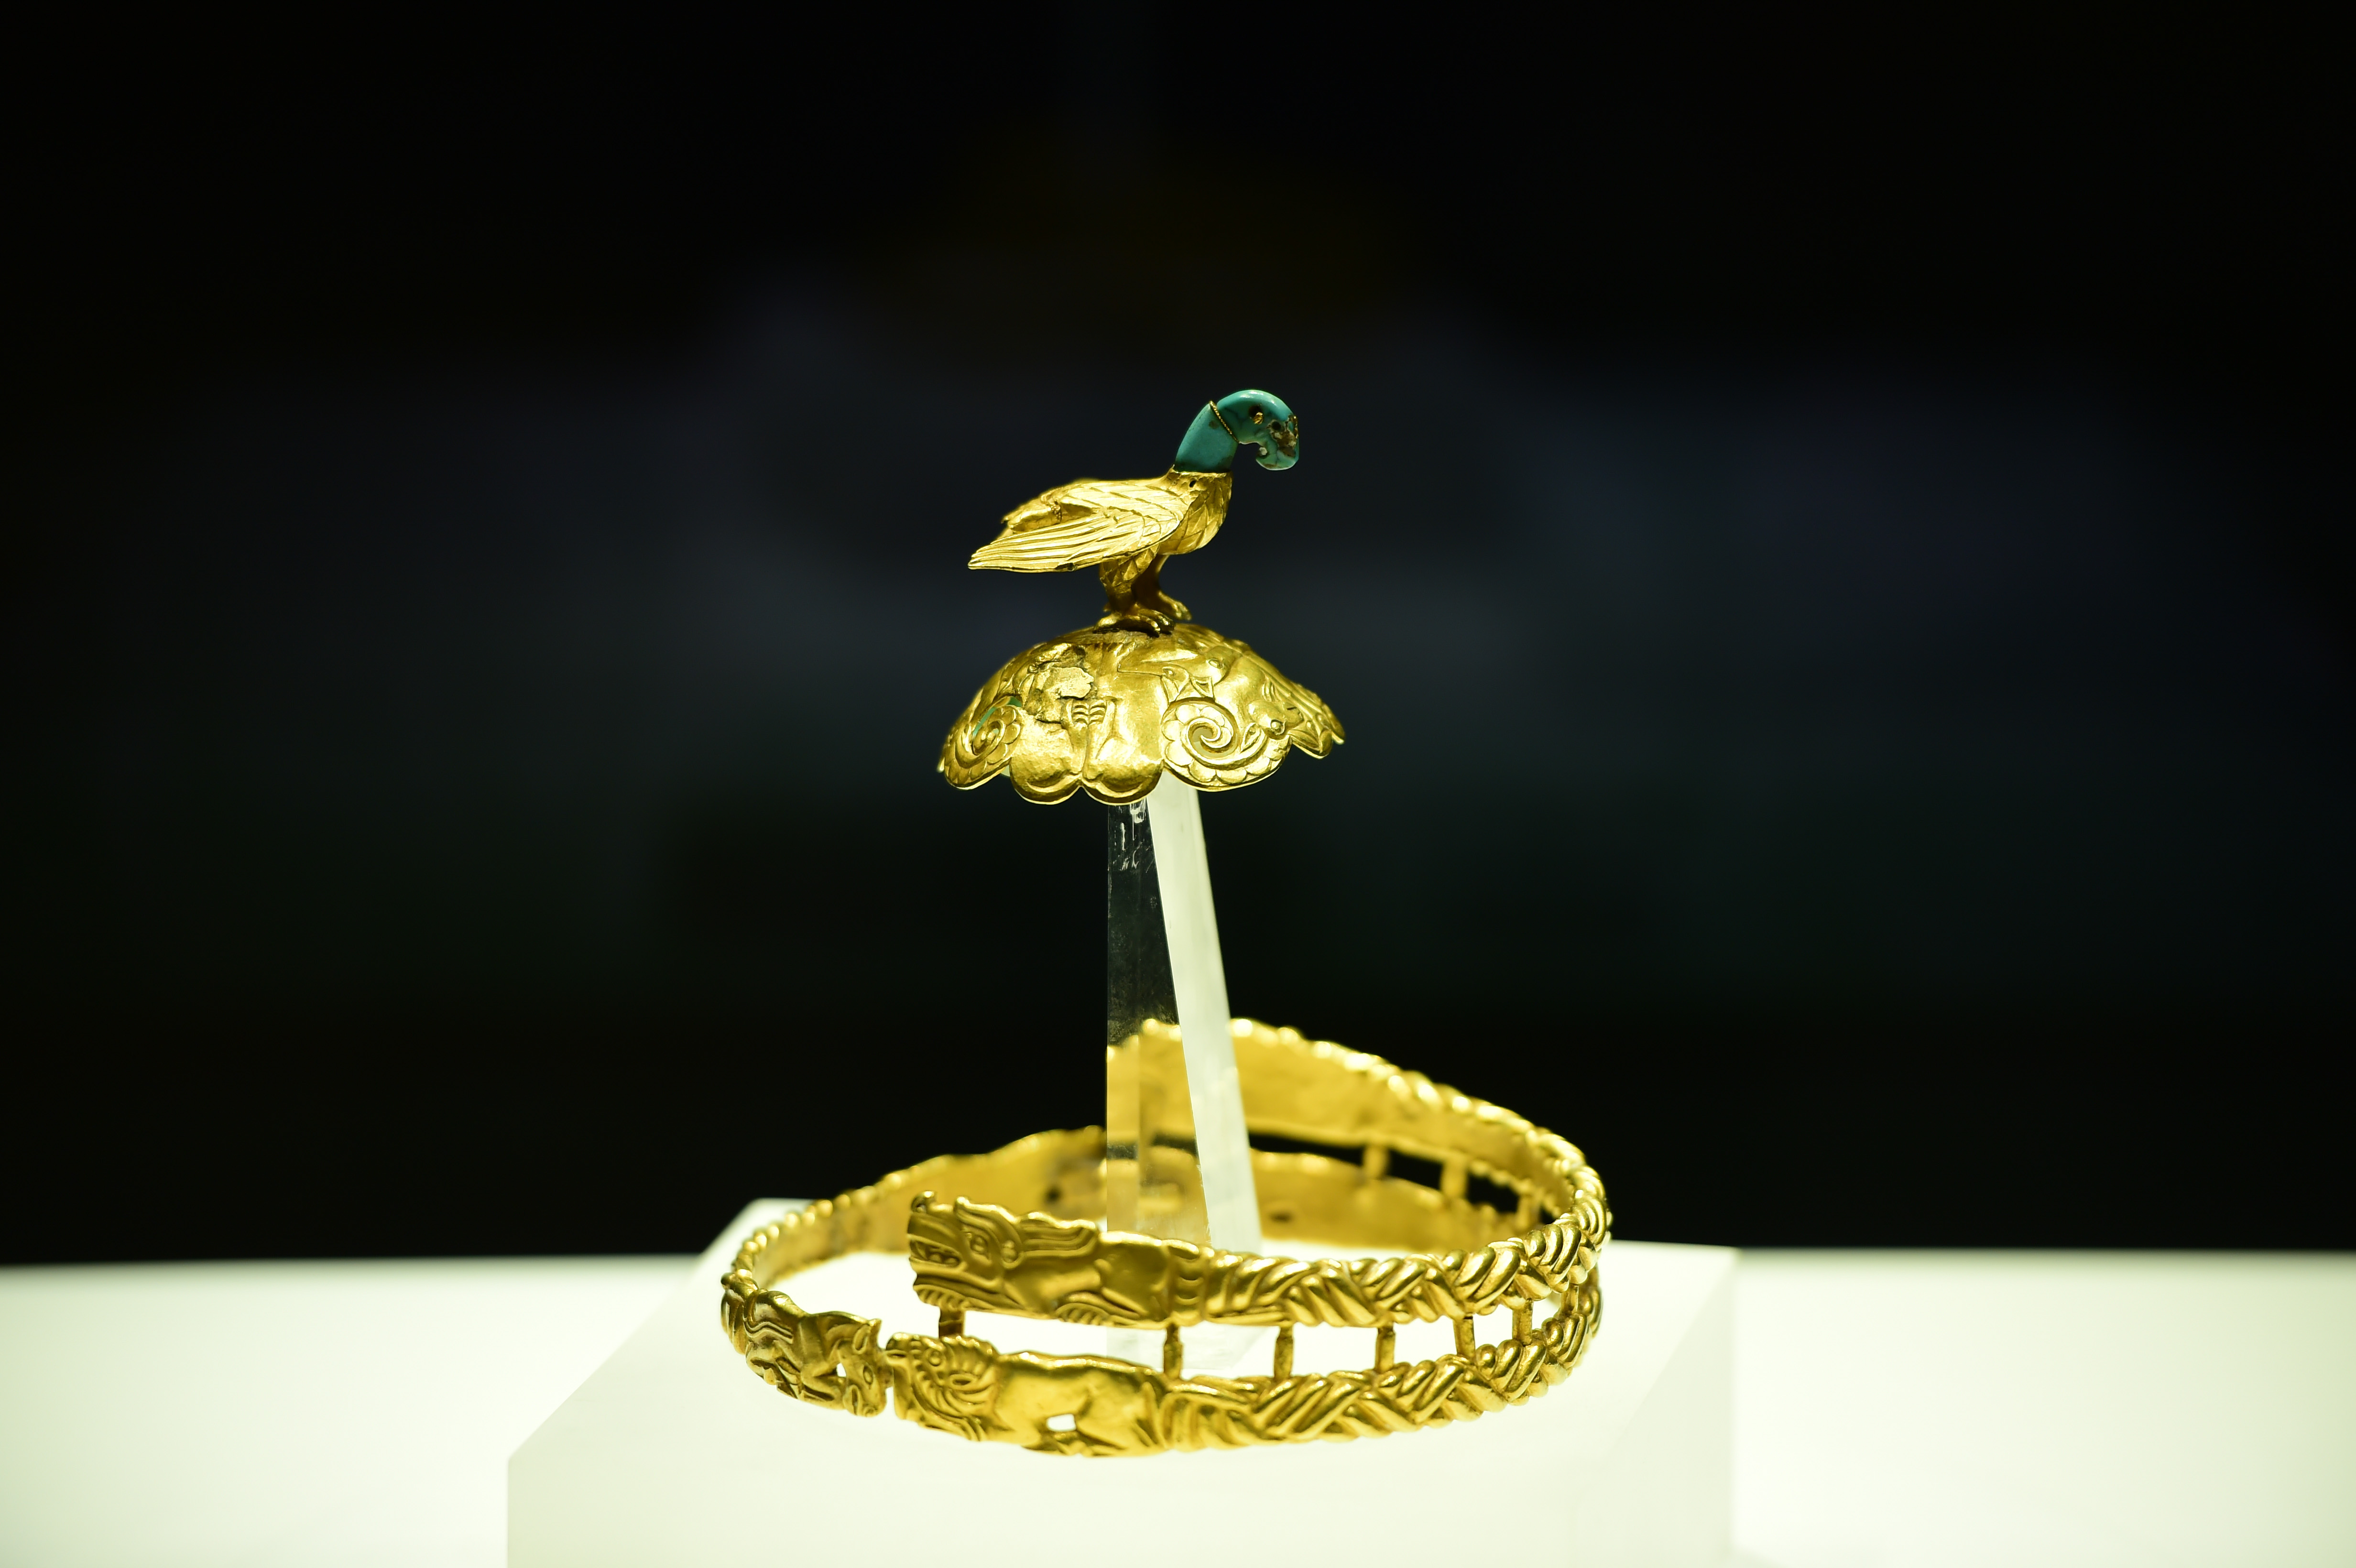 眩い輝きを放つ至宝 戦国時代の「鷹頂金冠飾」 内モンゴル自治区博物館